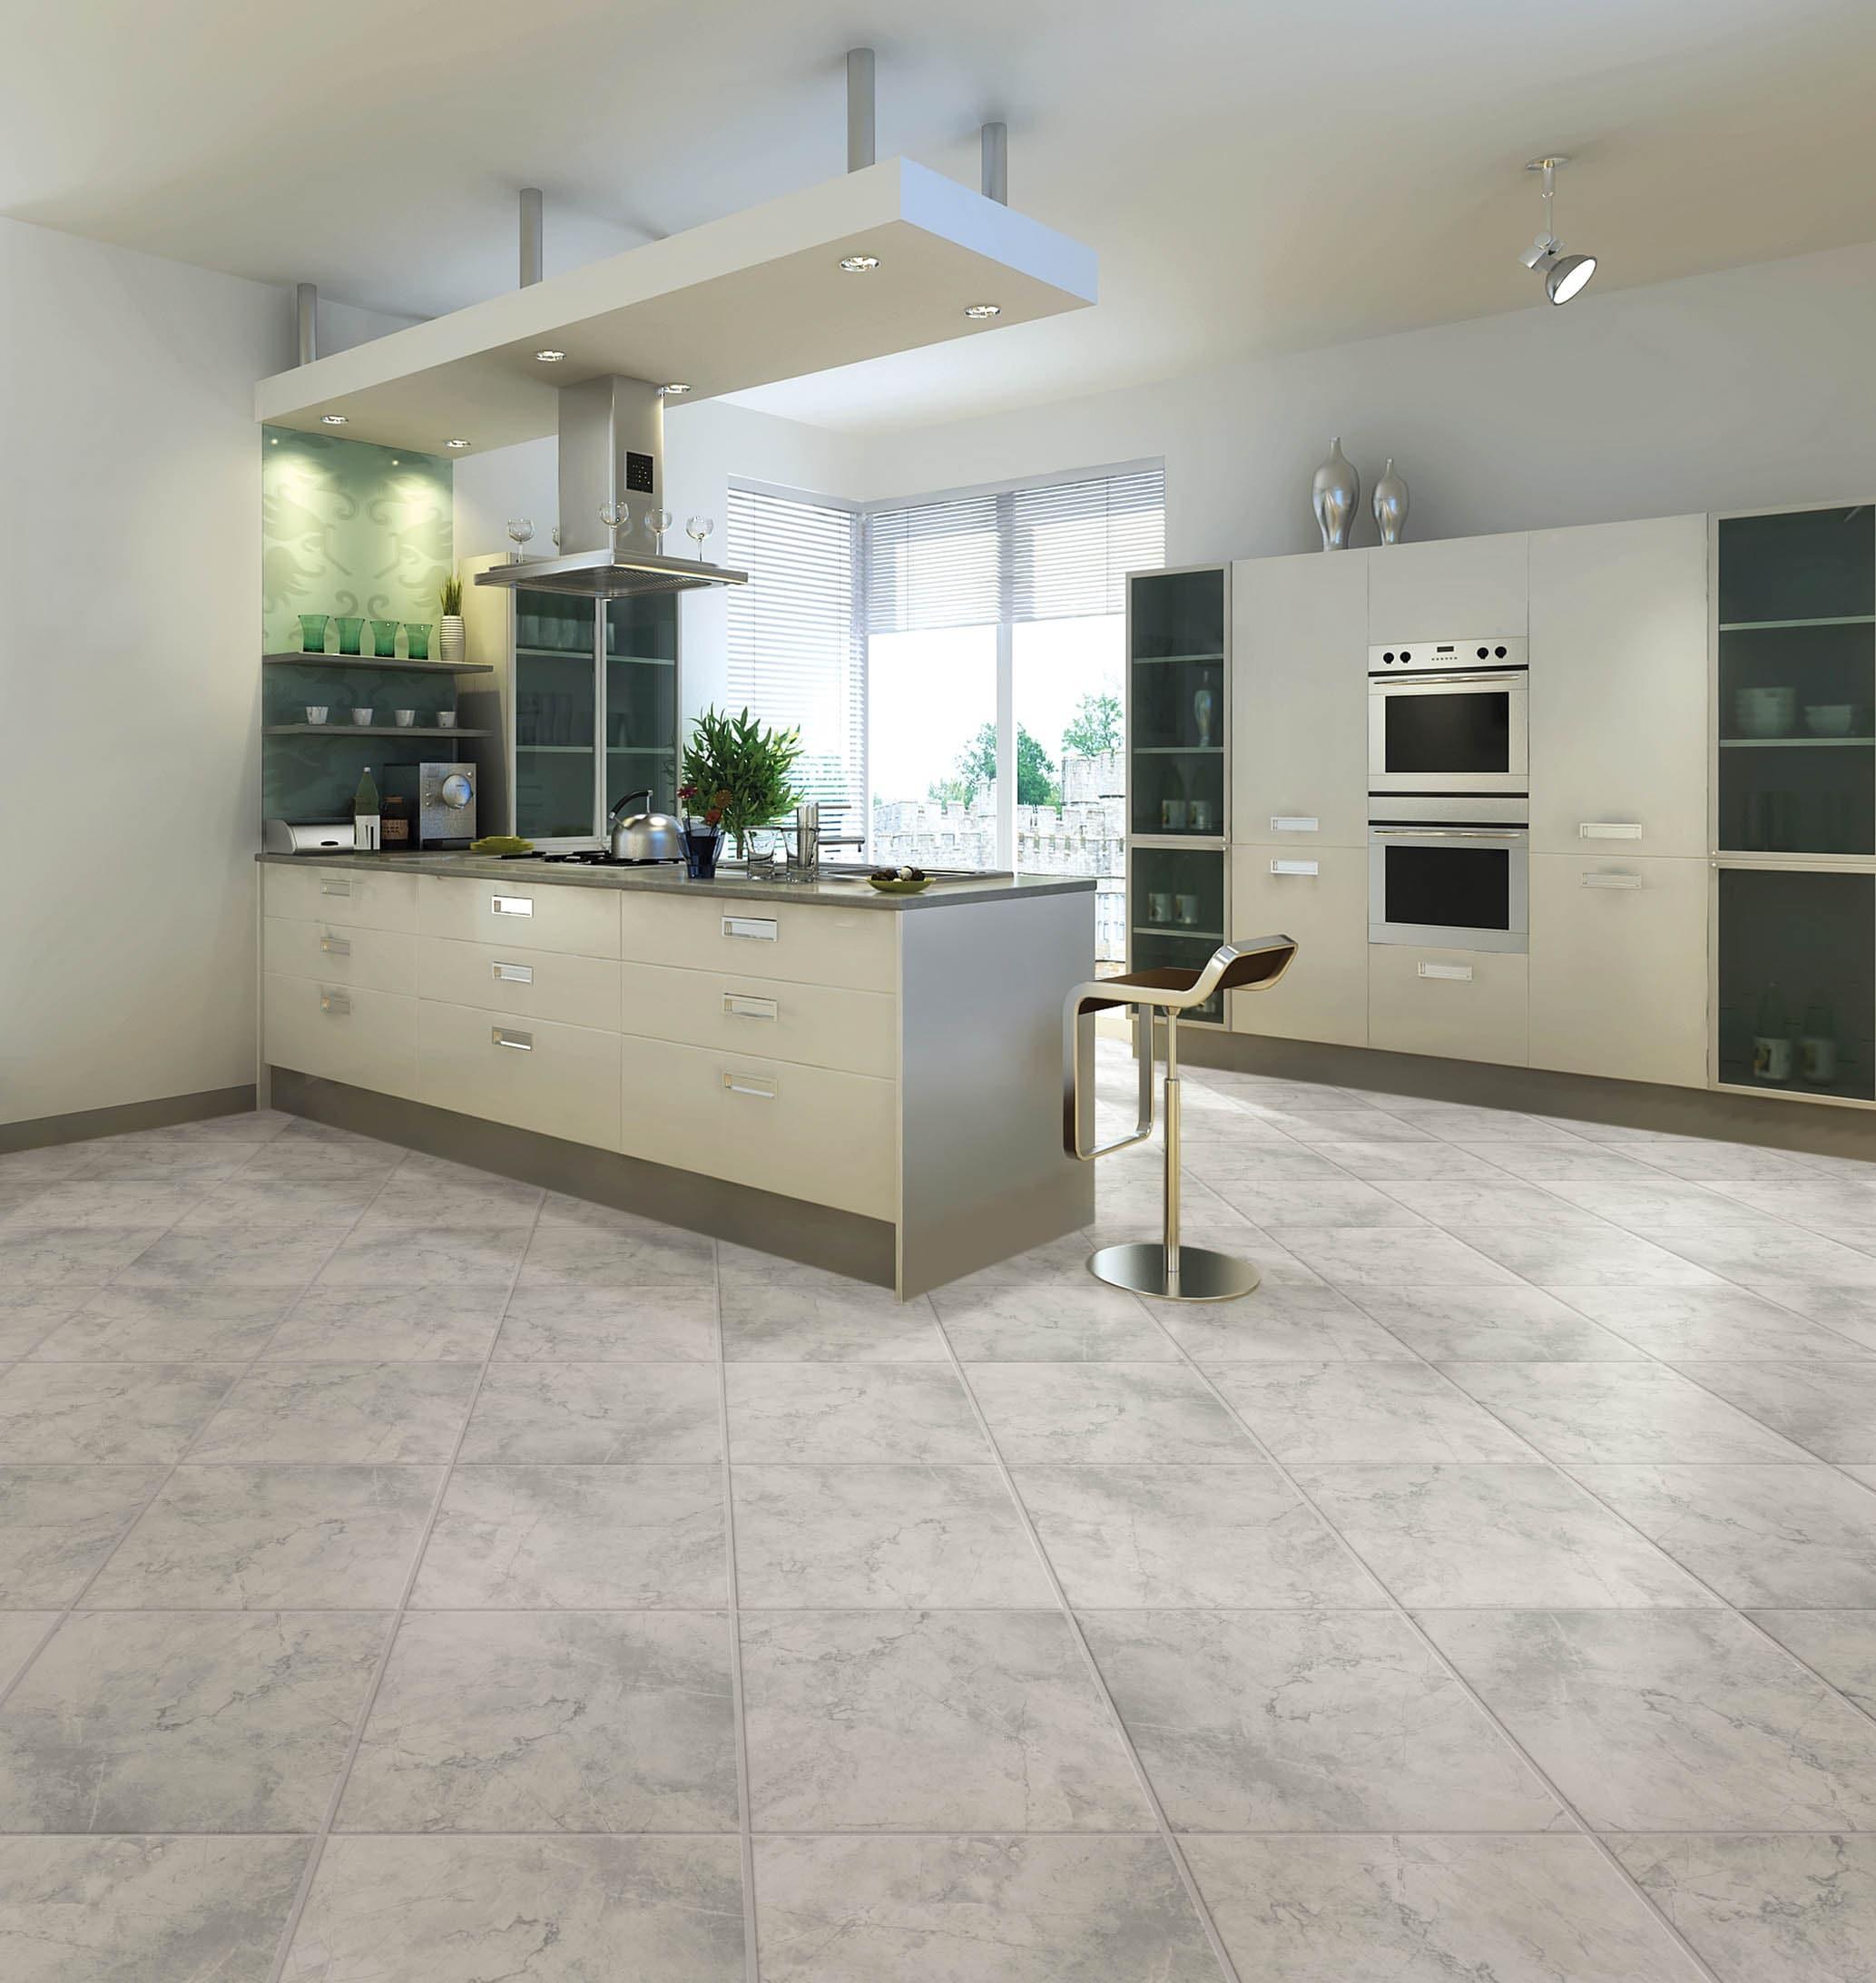 Chilo Gray 9 in x 9 in Glazed Ceramic Stone Look Floor Tile in ...